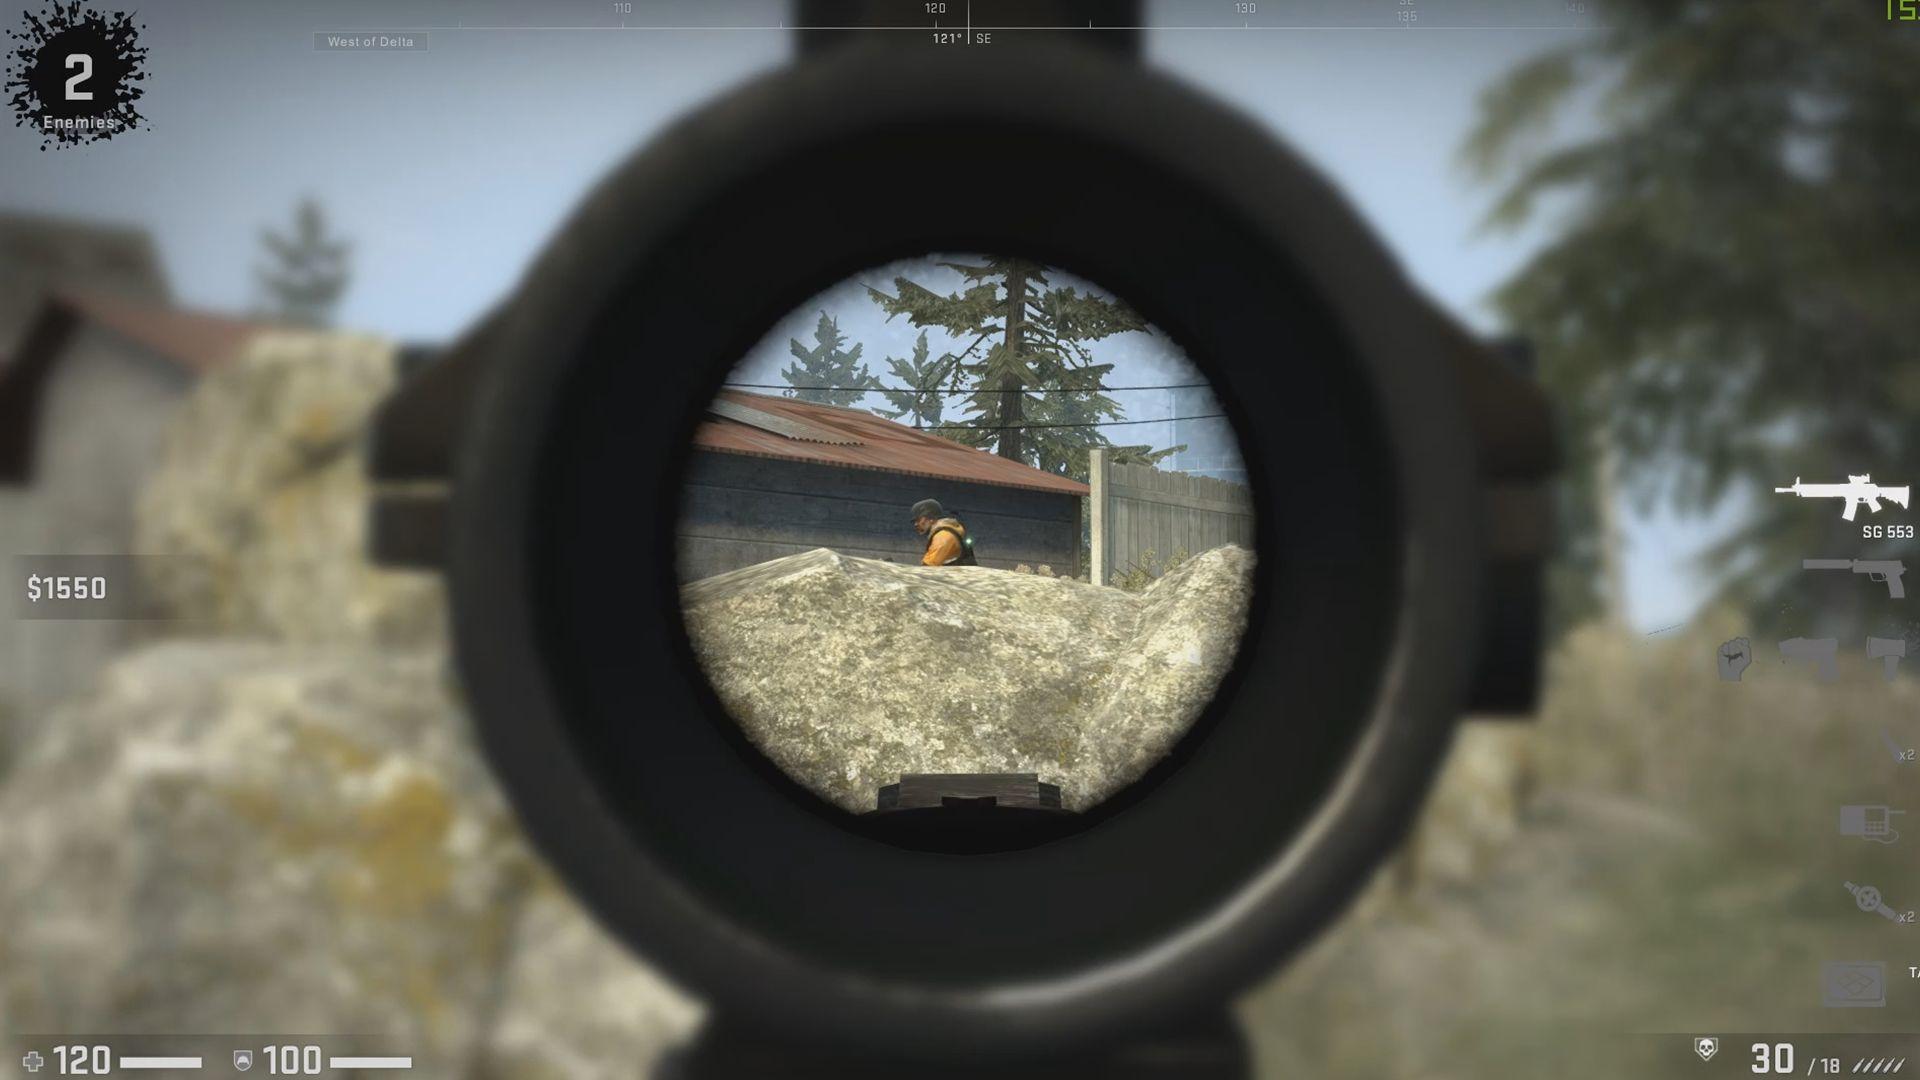 Koniec koncov ale Counter Strike stále ponúka len ťažko prekonateľný zážitok z intenzívnej prestrelky.